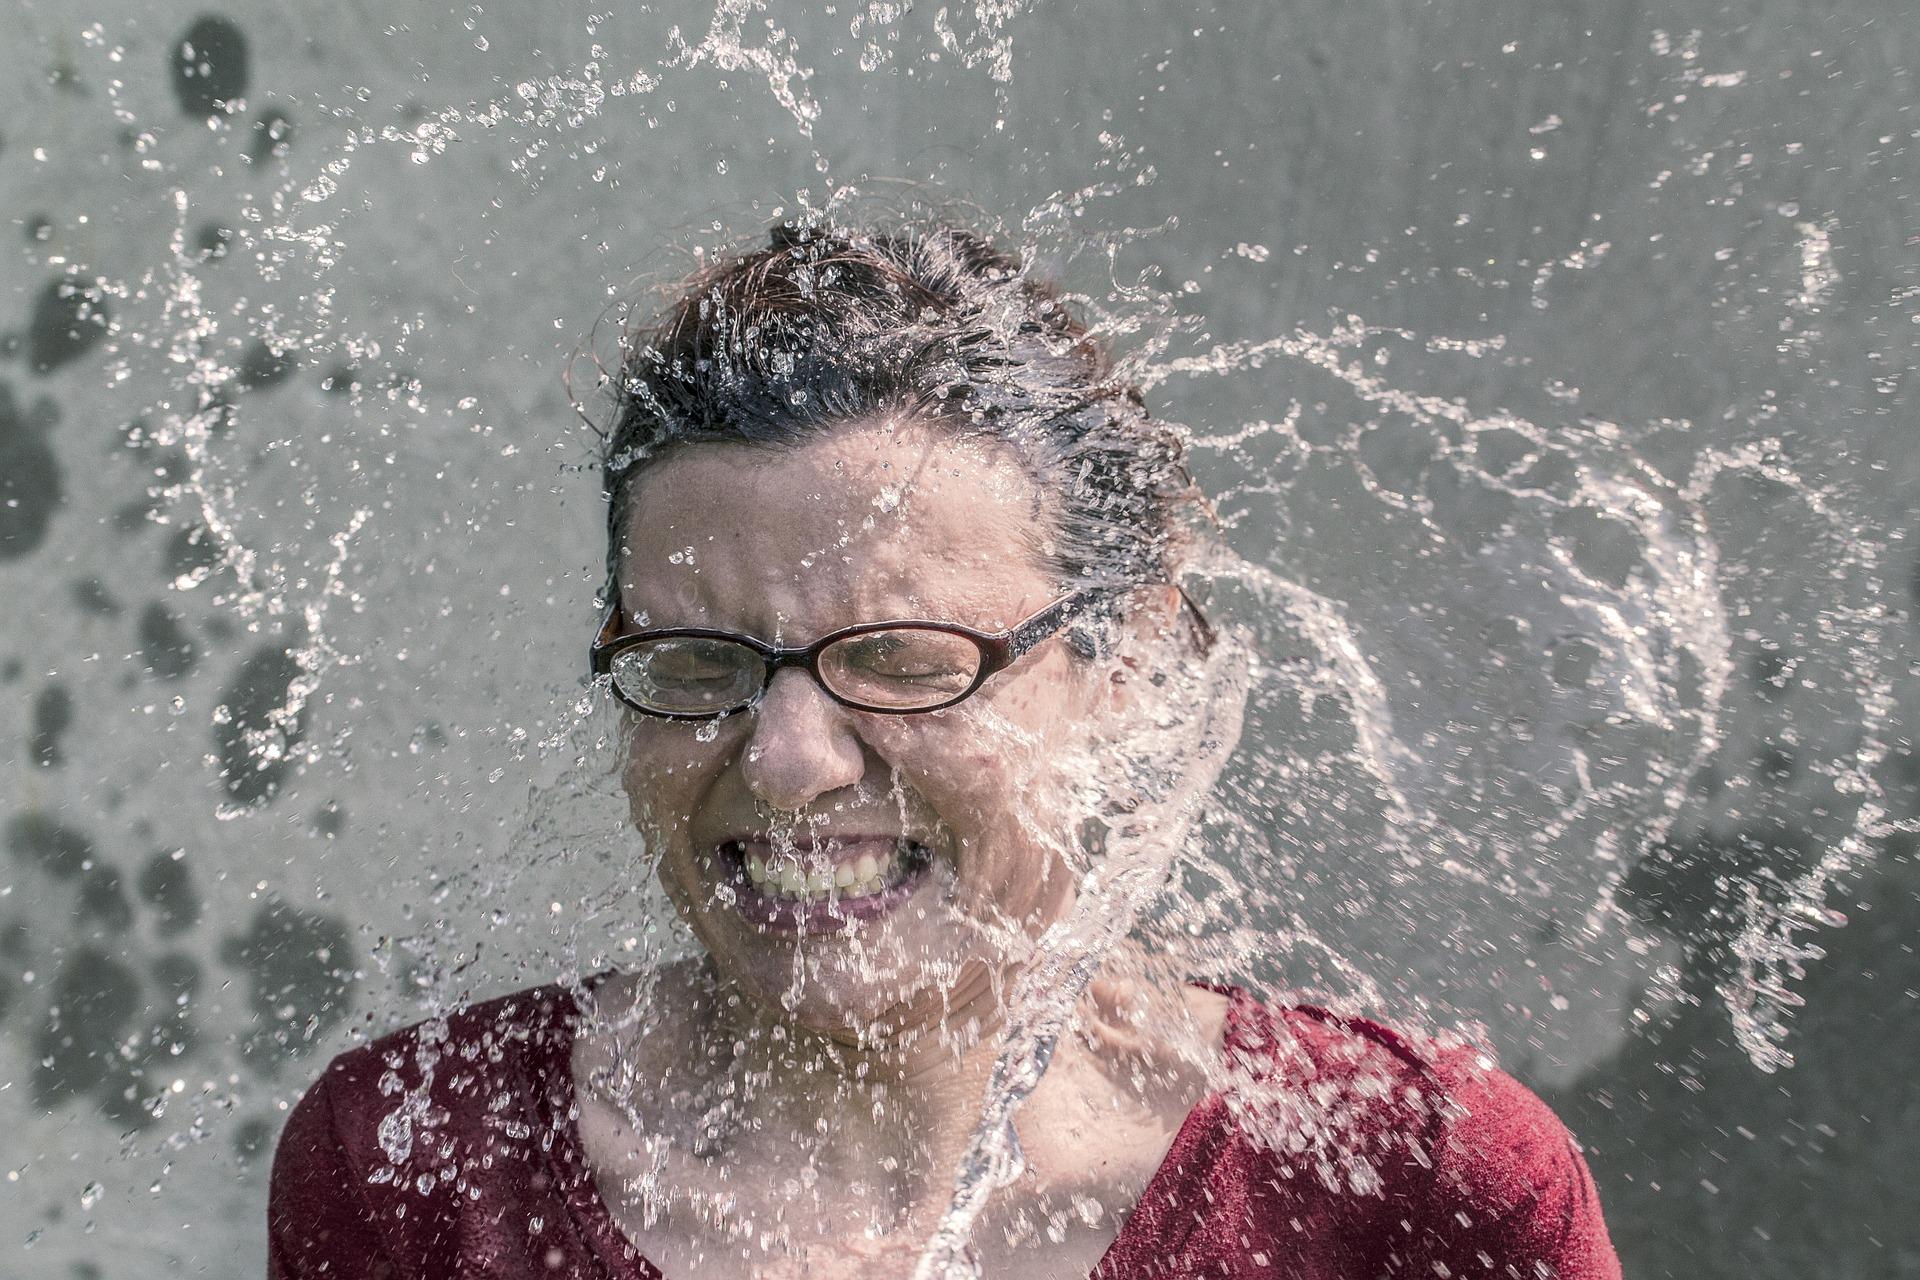 splash-438399_1920